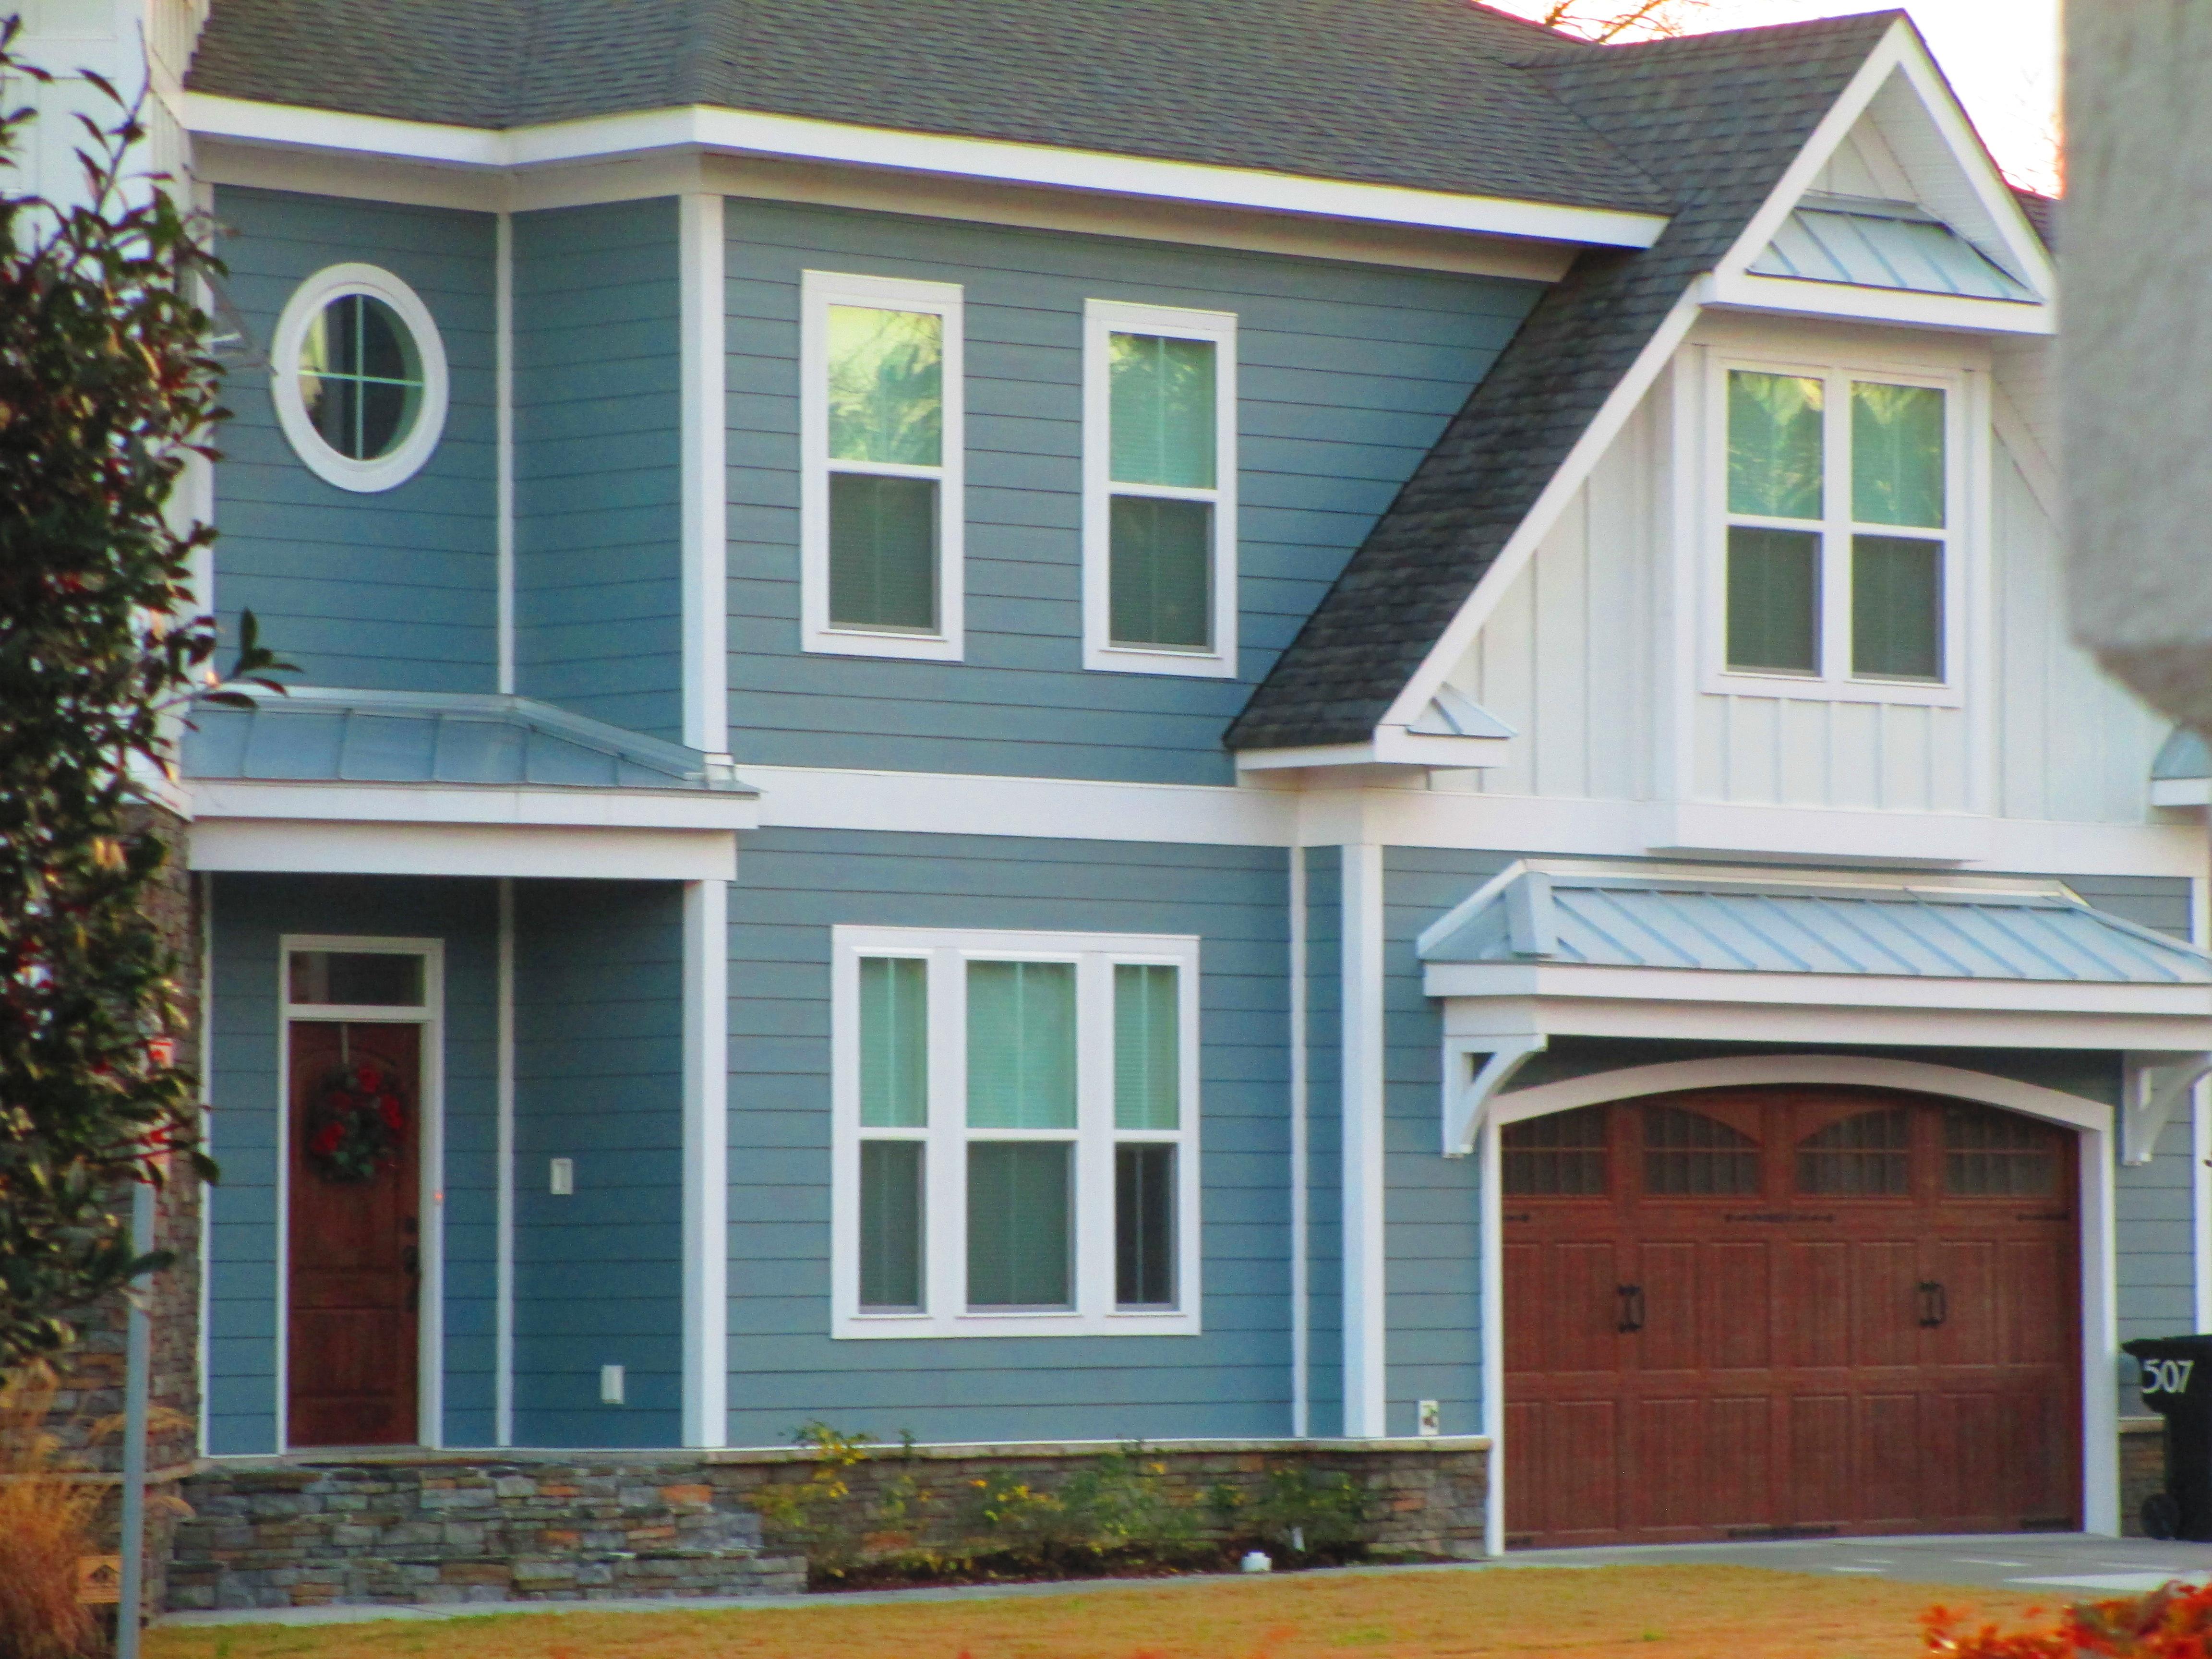 J Amp S Overhead Garage Door Service Newport News Virginia